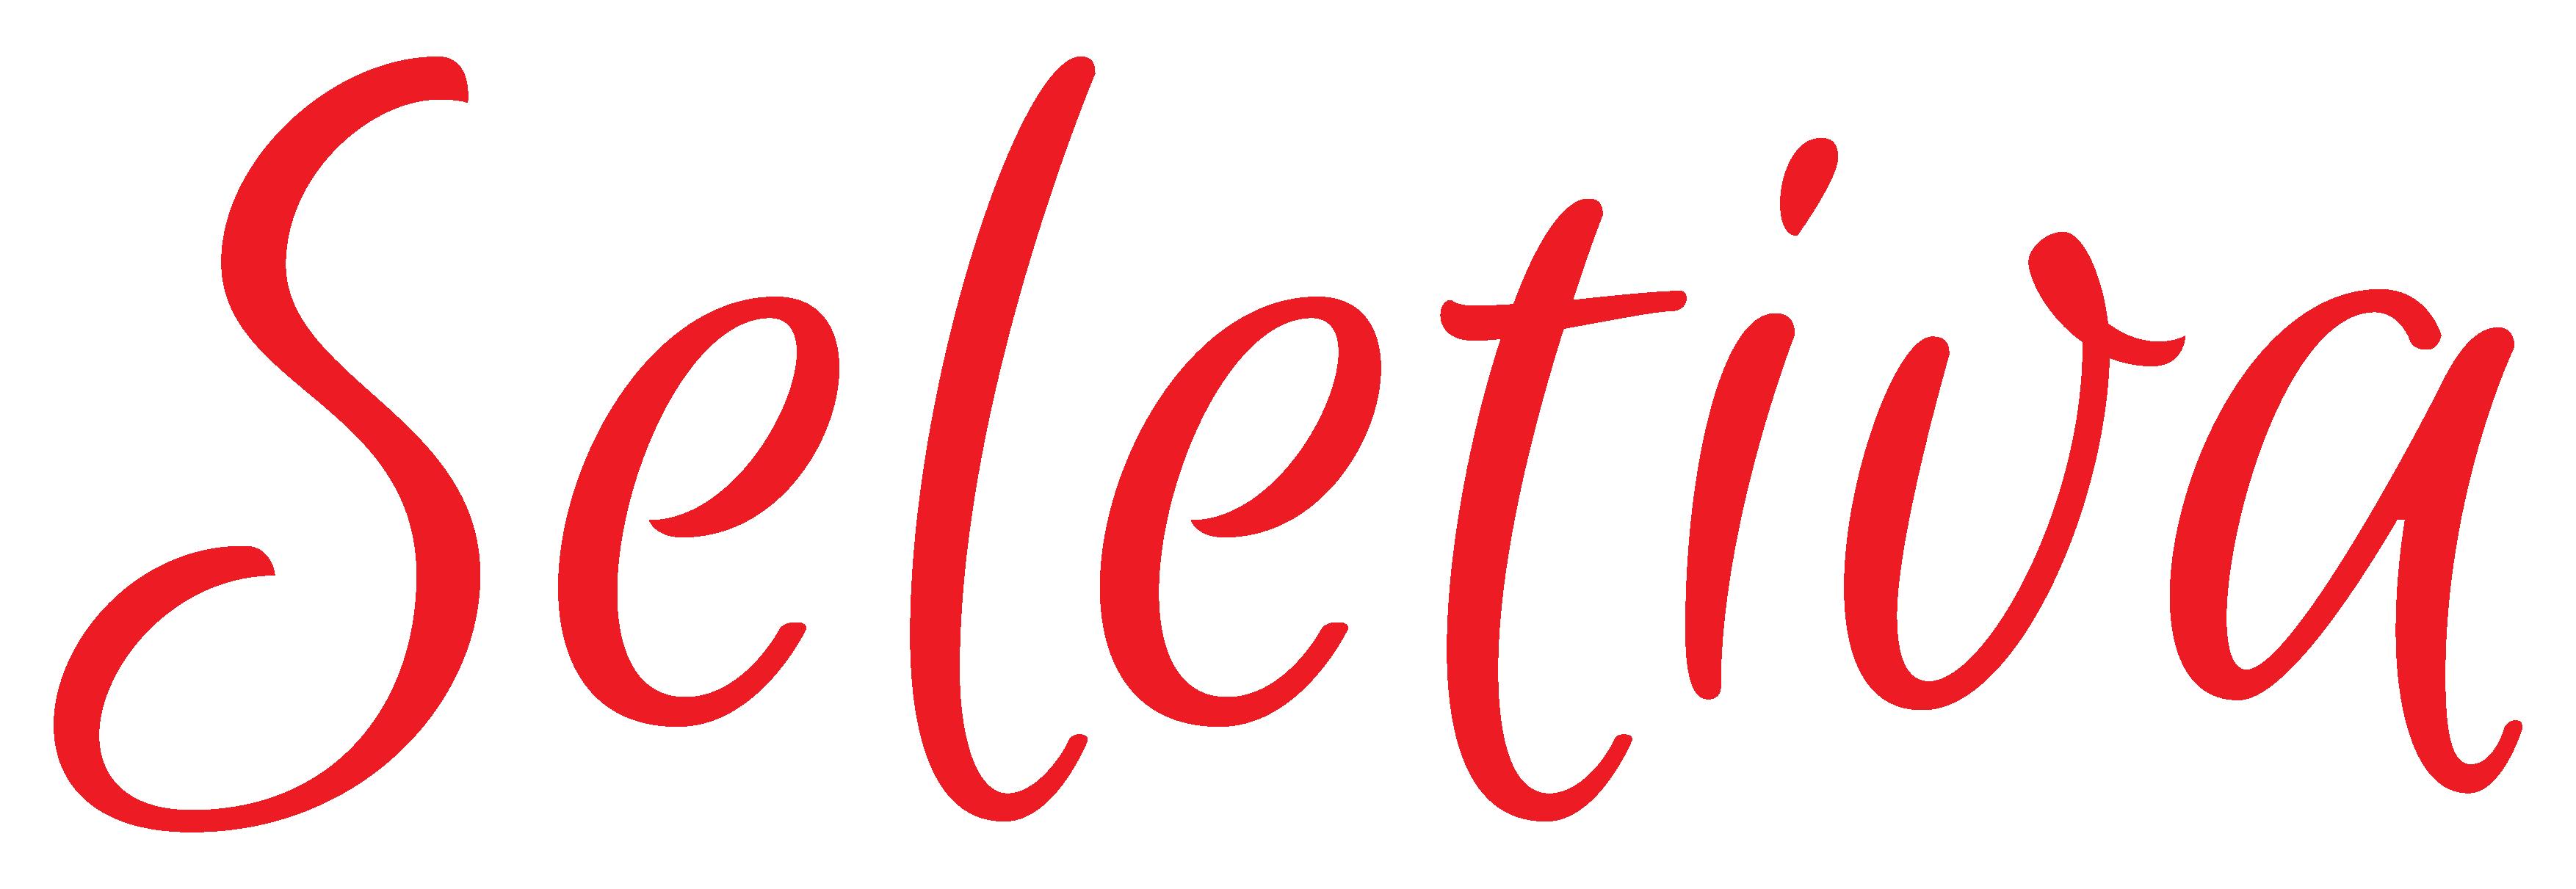 Seletiva